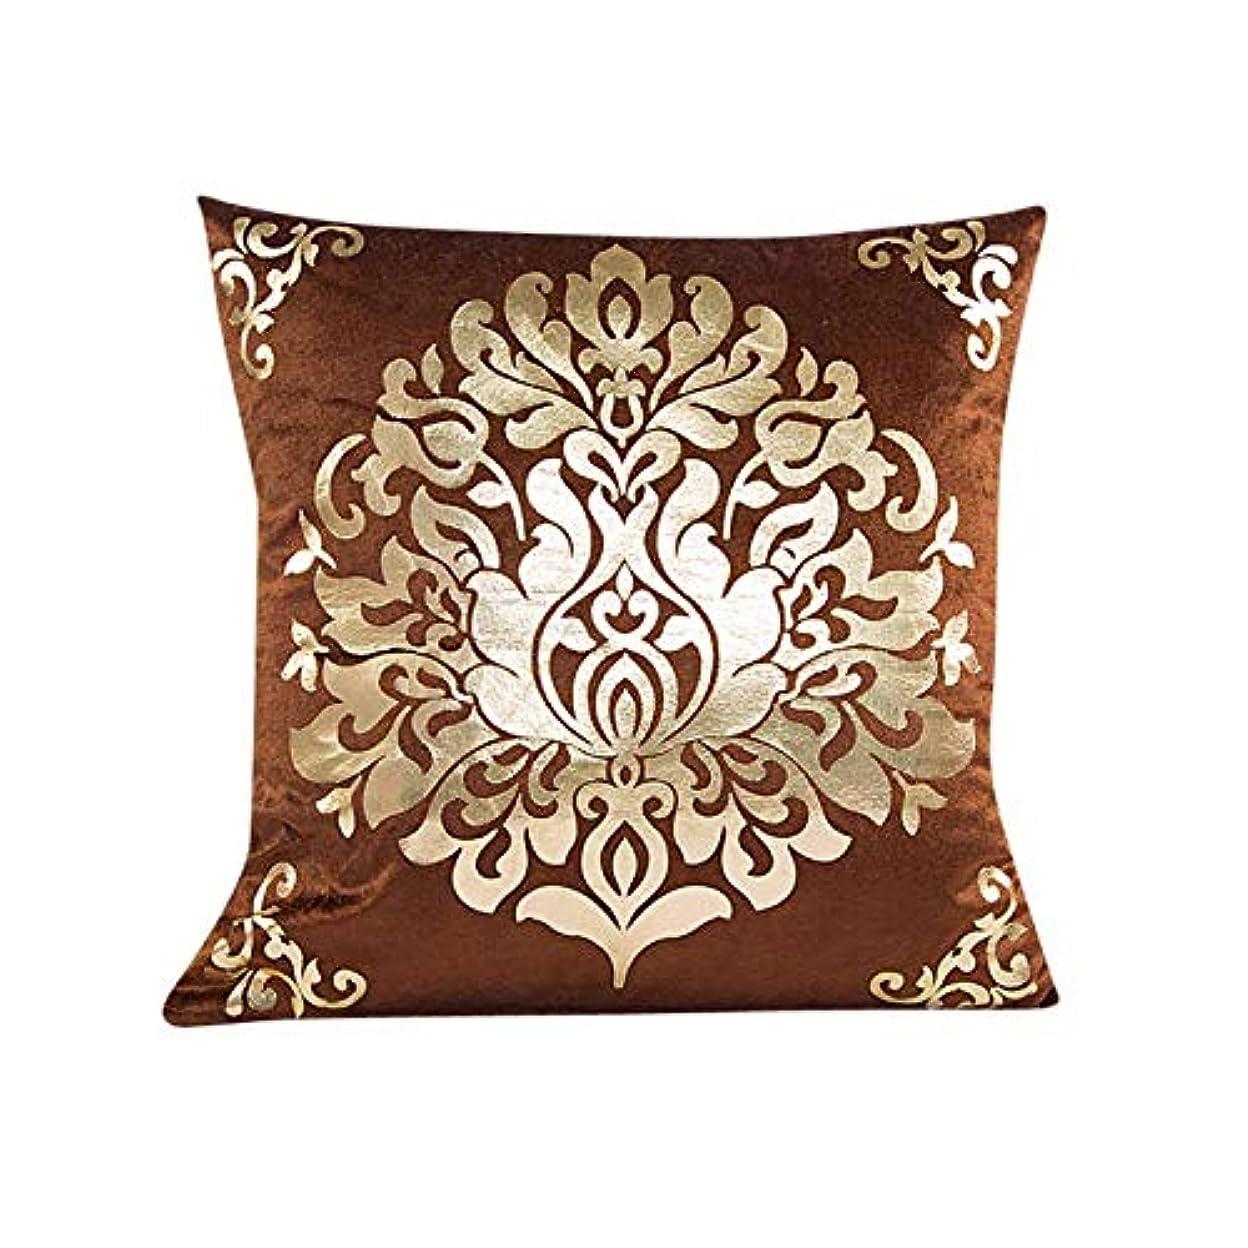 アンペア犠牲管理者LIFE MUQGEW ホット販売クラシック枕ソファ投げるクッション家の装飾 coussin ホームクッション クッション 椅子